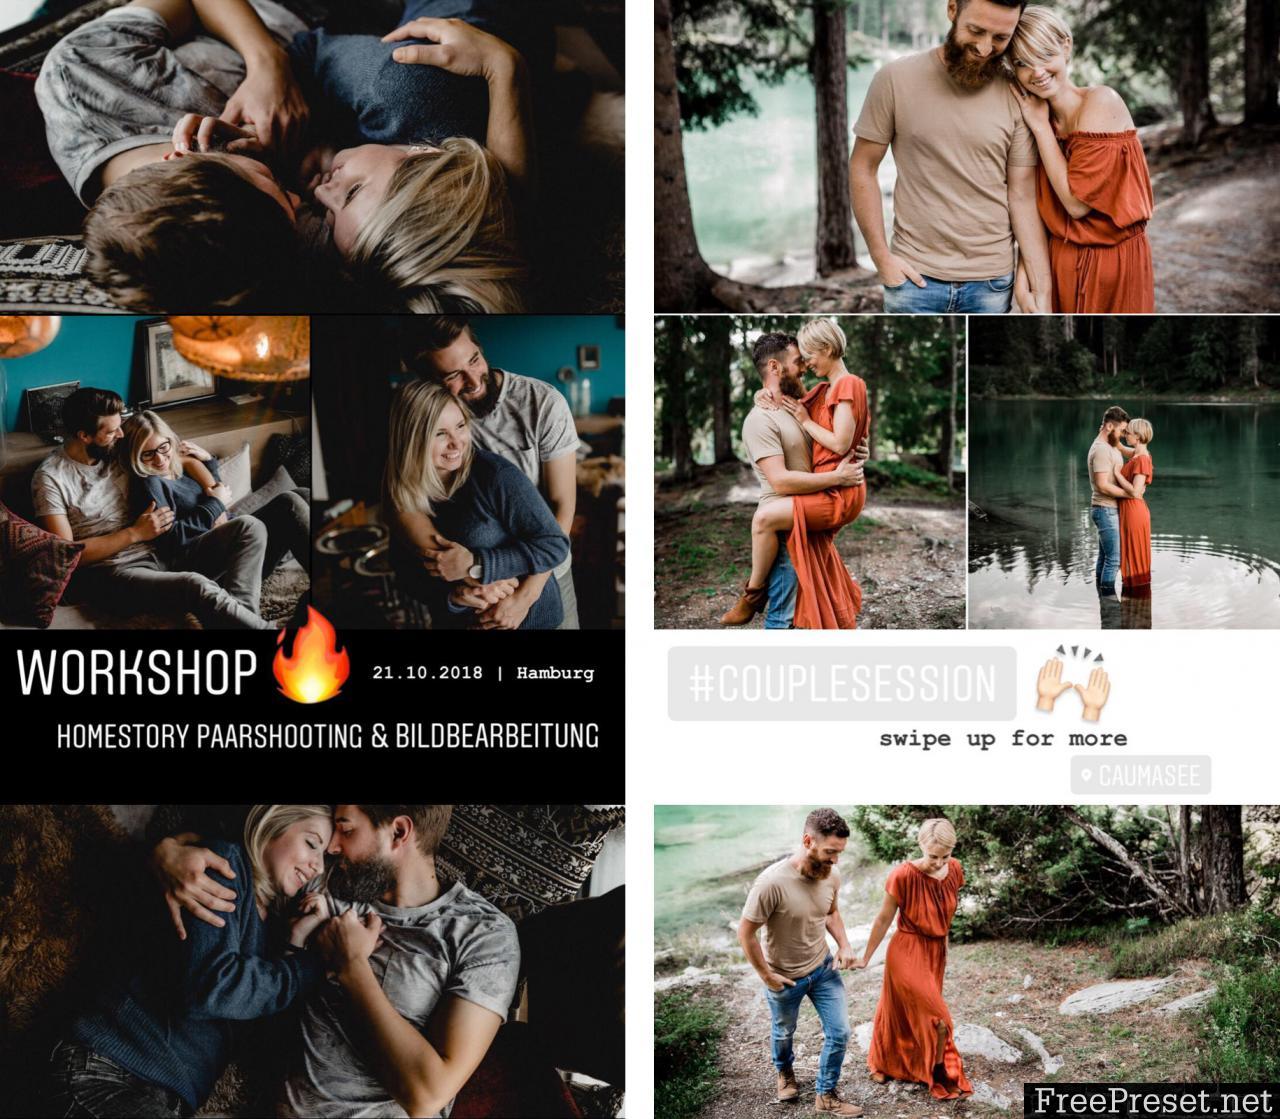 Kathi and Chris - Collagenvorlagen Moodboards 2018 for Adobe Lightroom